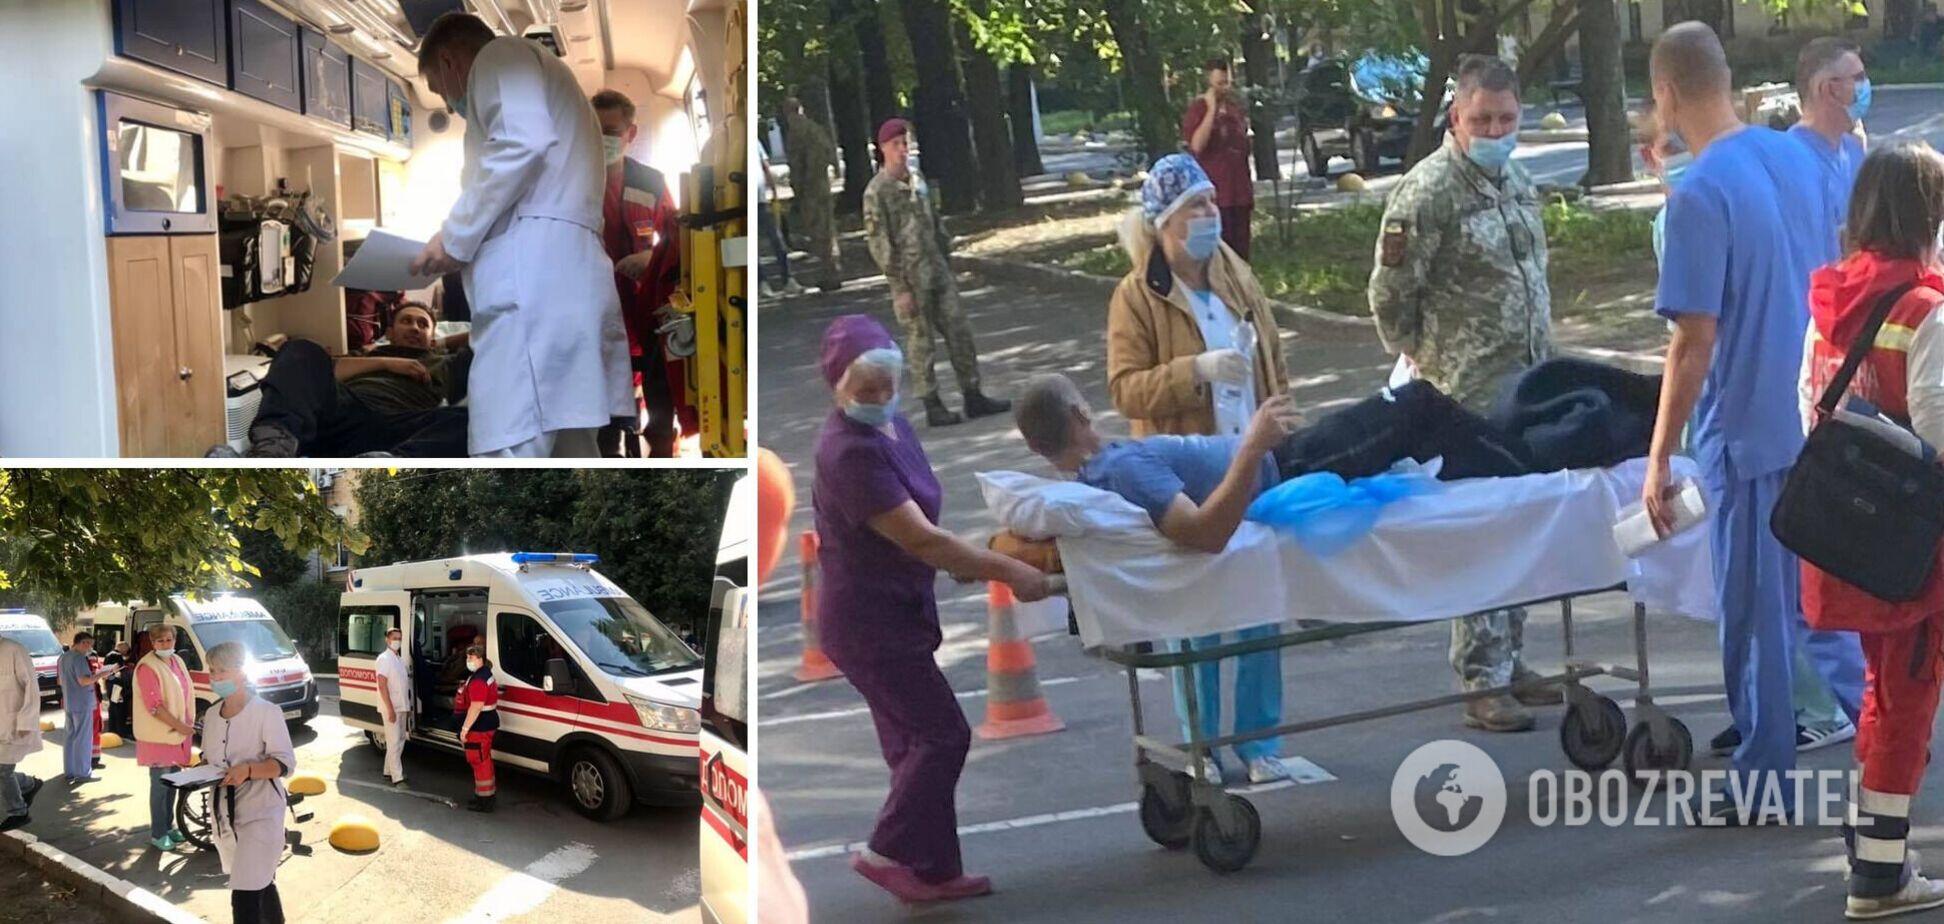 Ампутации и тяжелые травмы: в Киев прилетел борт с ранеными на Донбассе бойцами. Видео